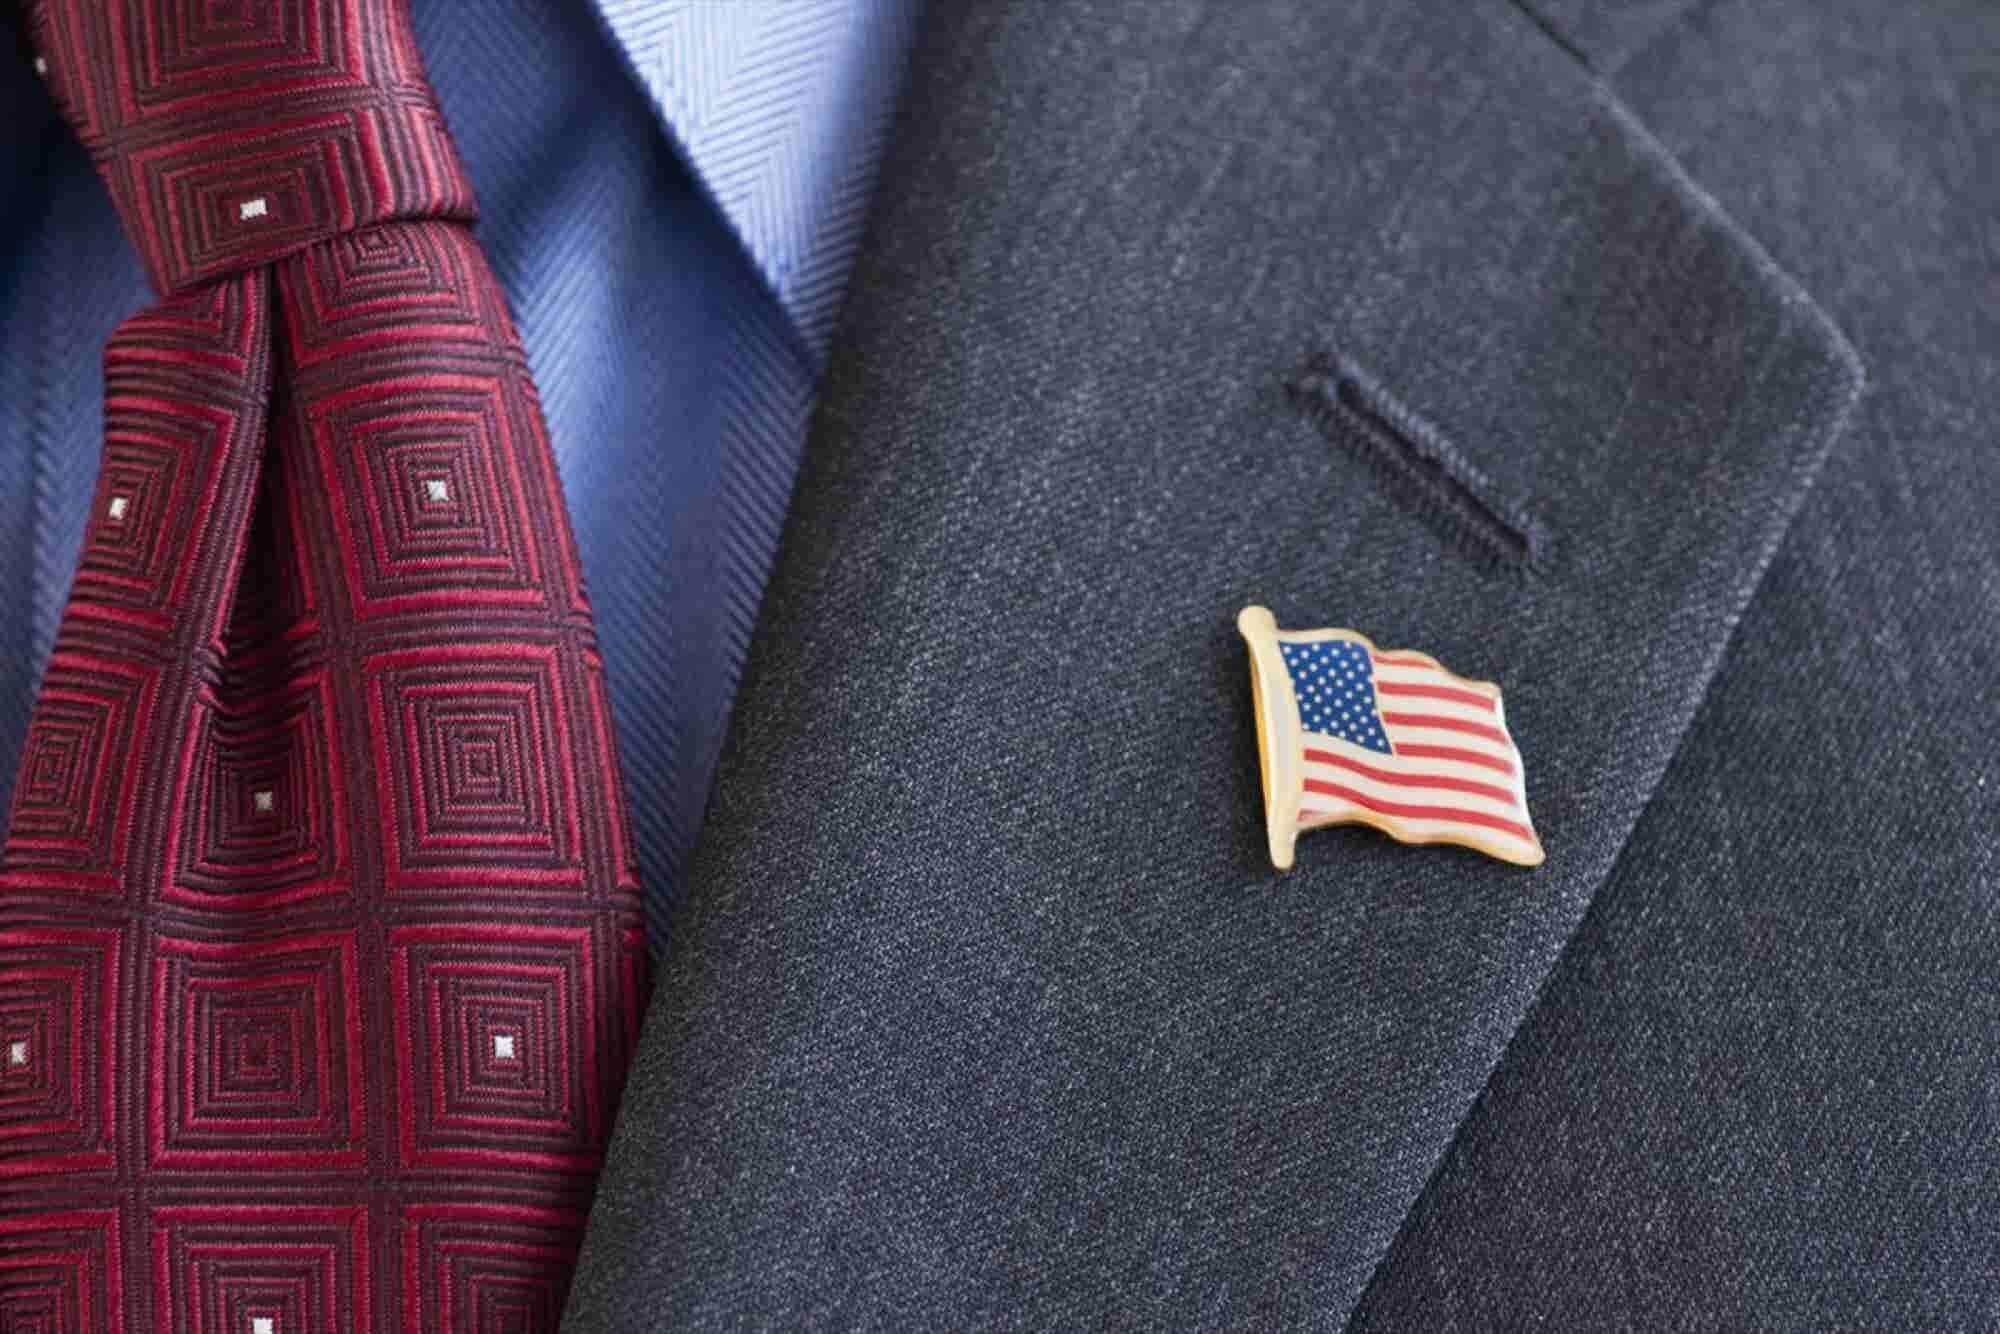 The Top 150 Franchises for Veterans